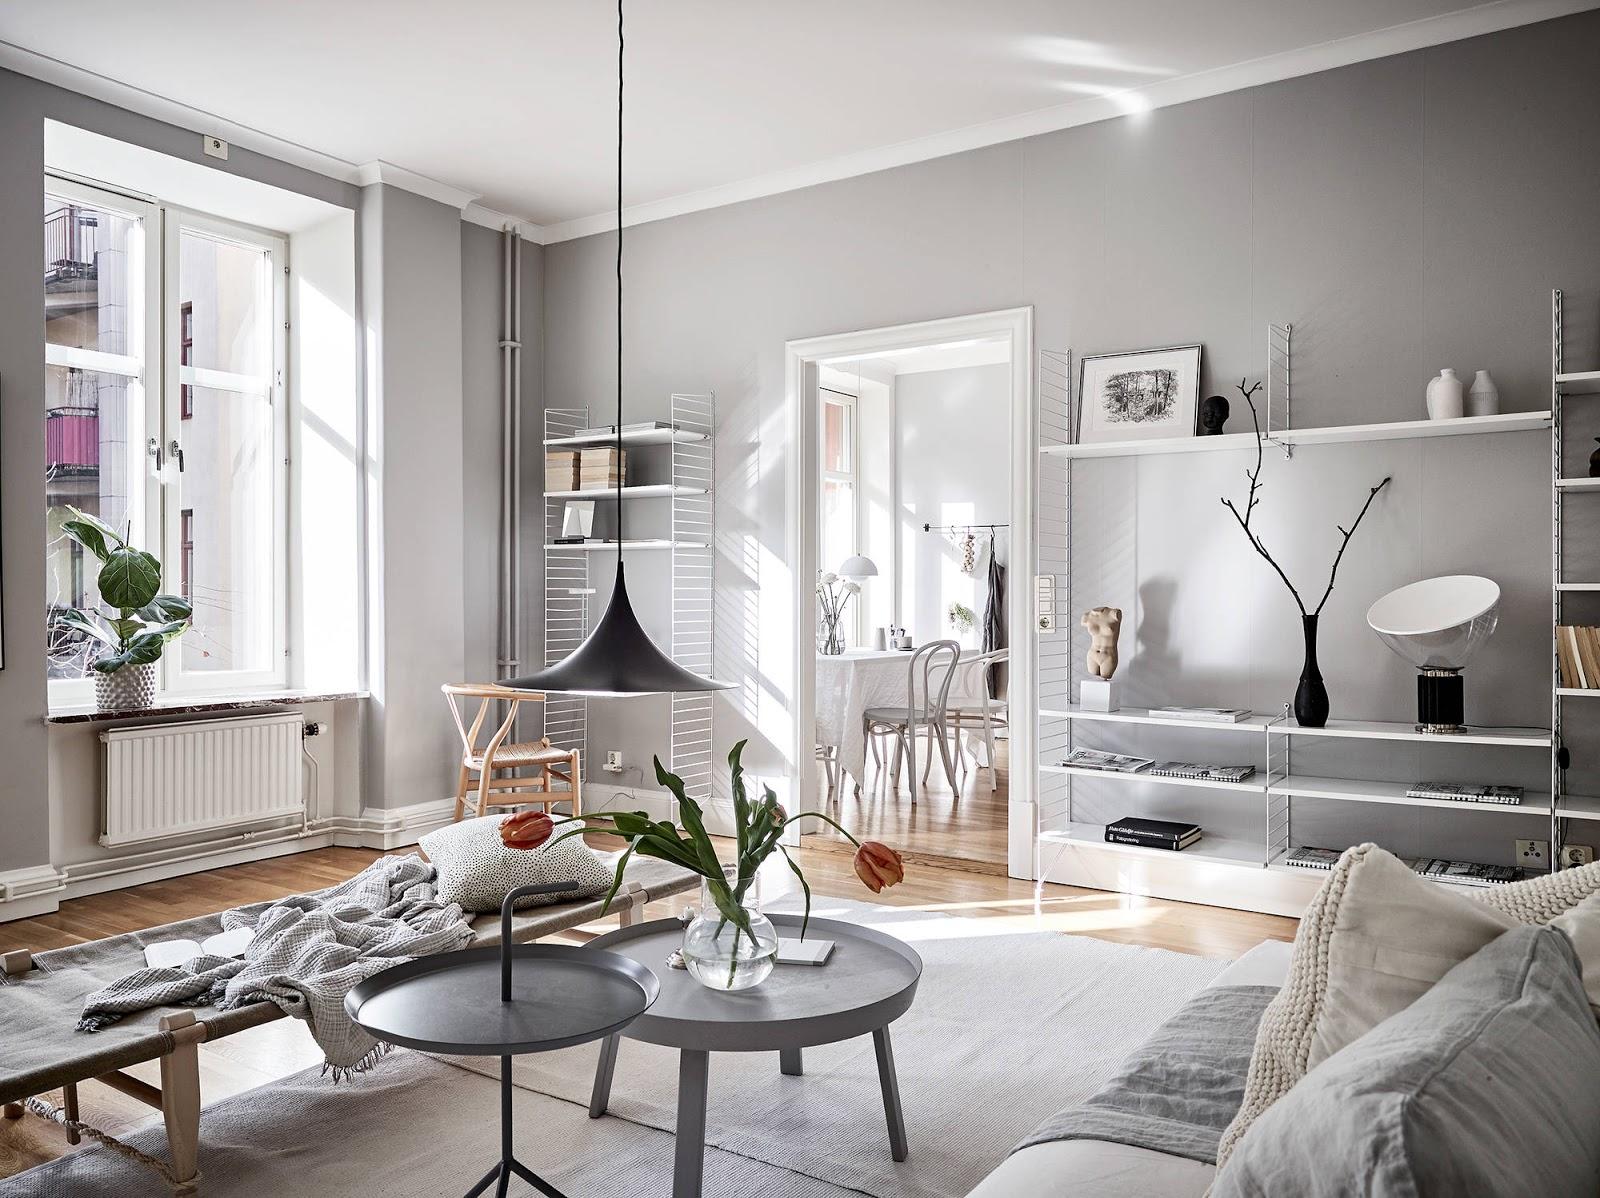 Appartamento con pareti grigie e arredi bianchi arc art - Pareti grigie soggiorno ...